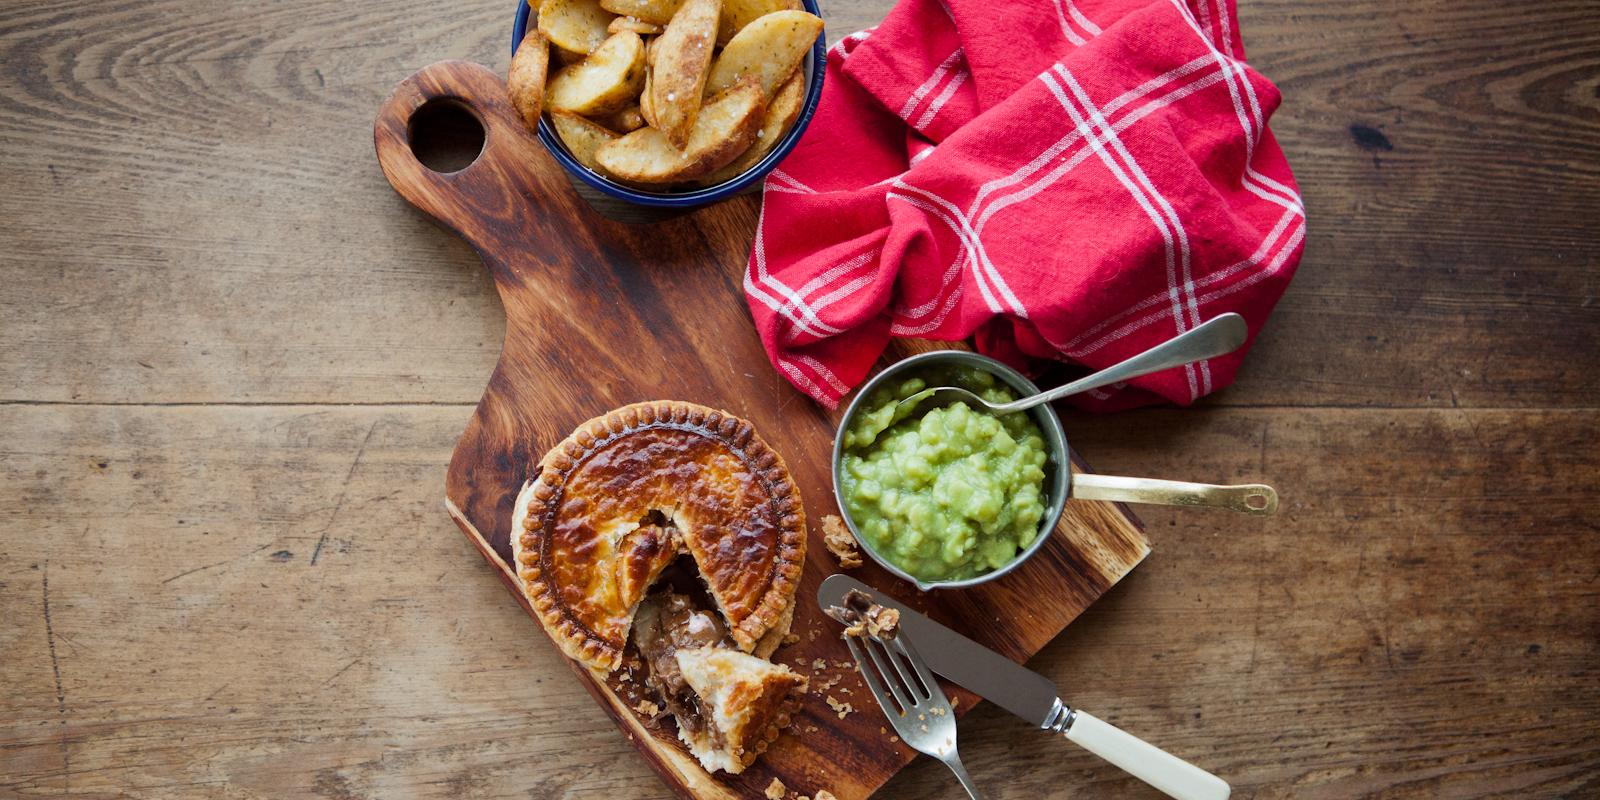 Steak pie, peas and wedges